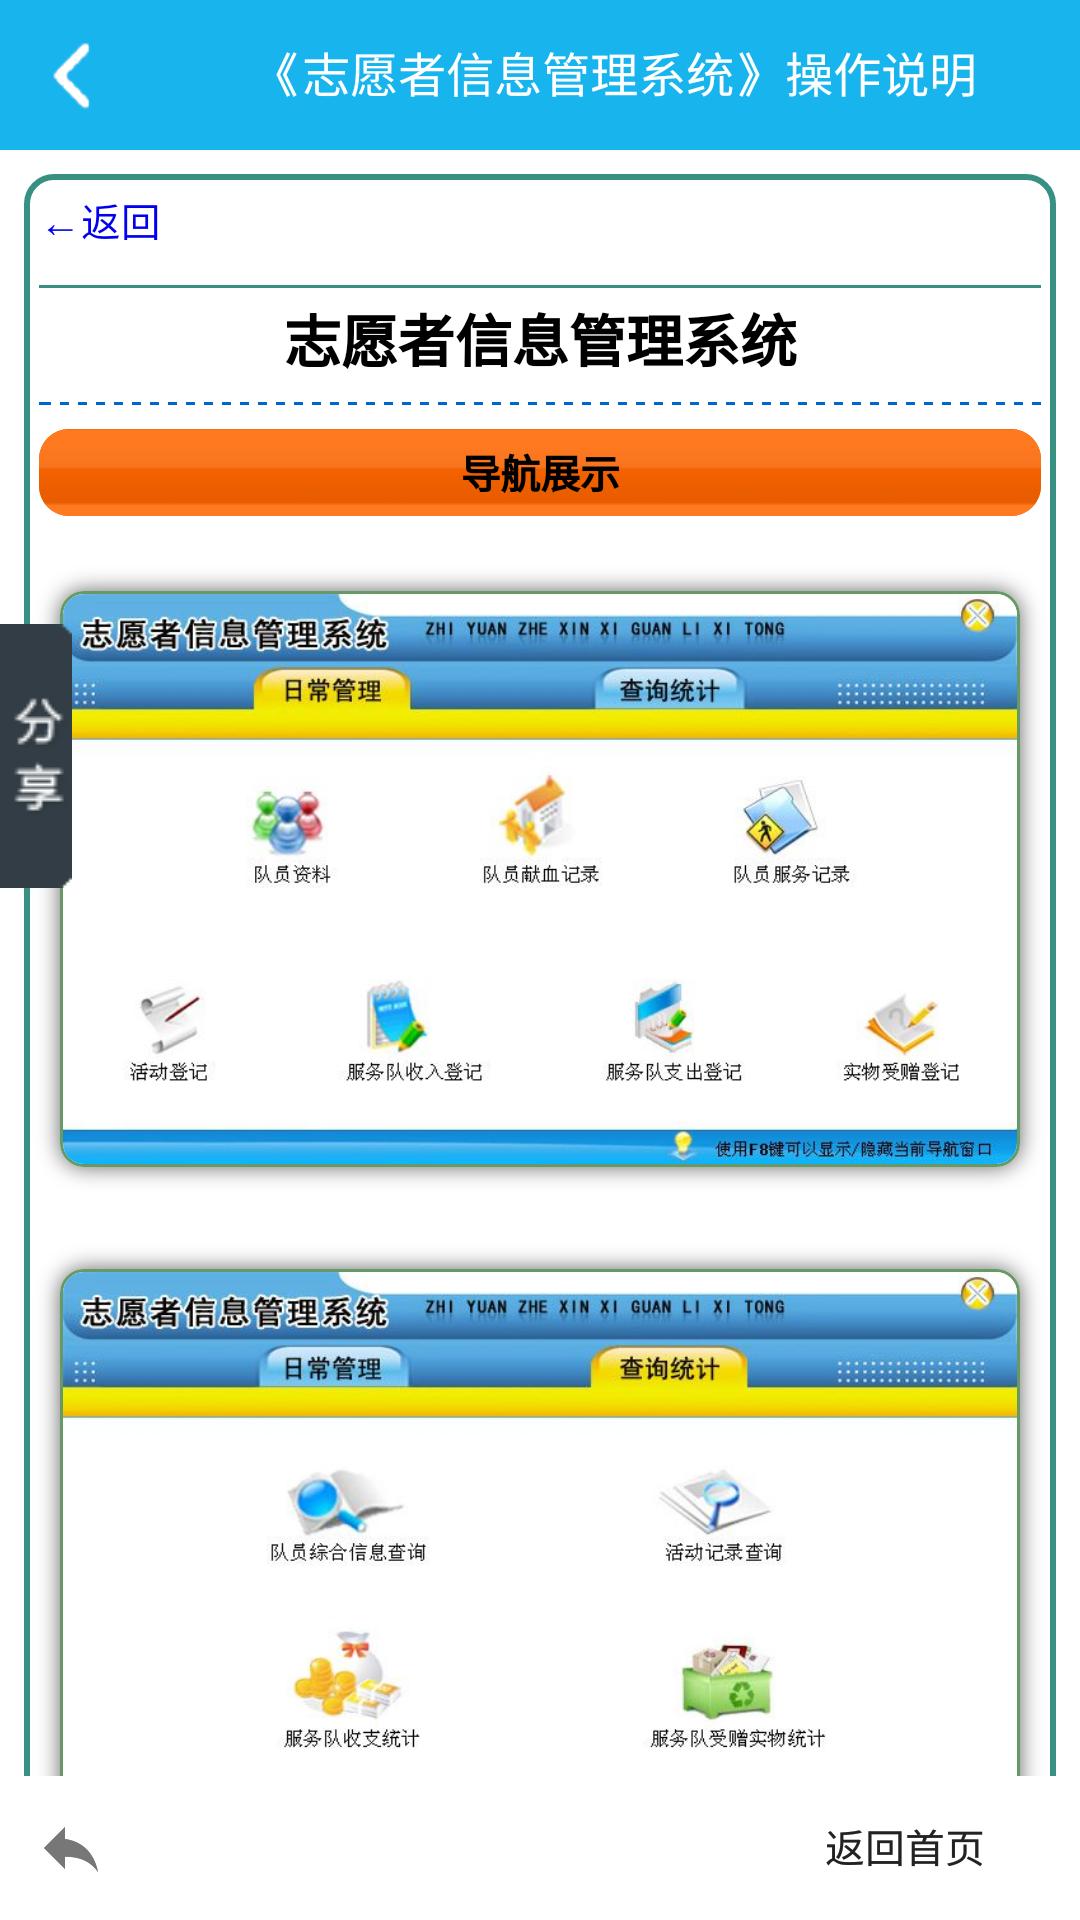 志愿者信息管理系统